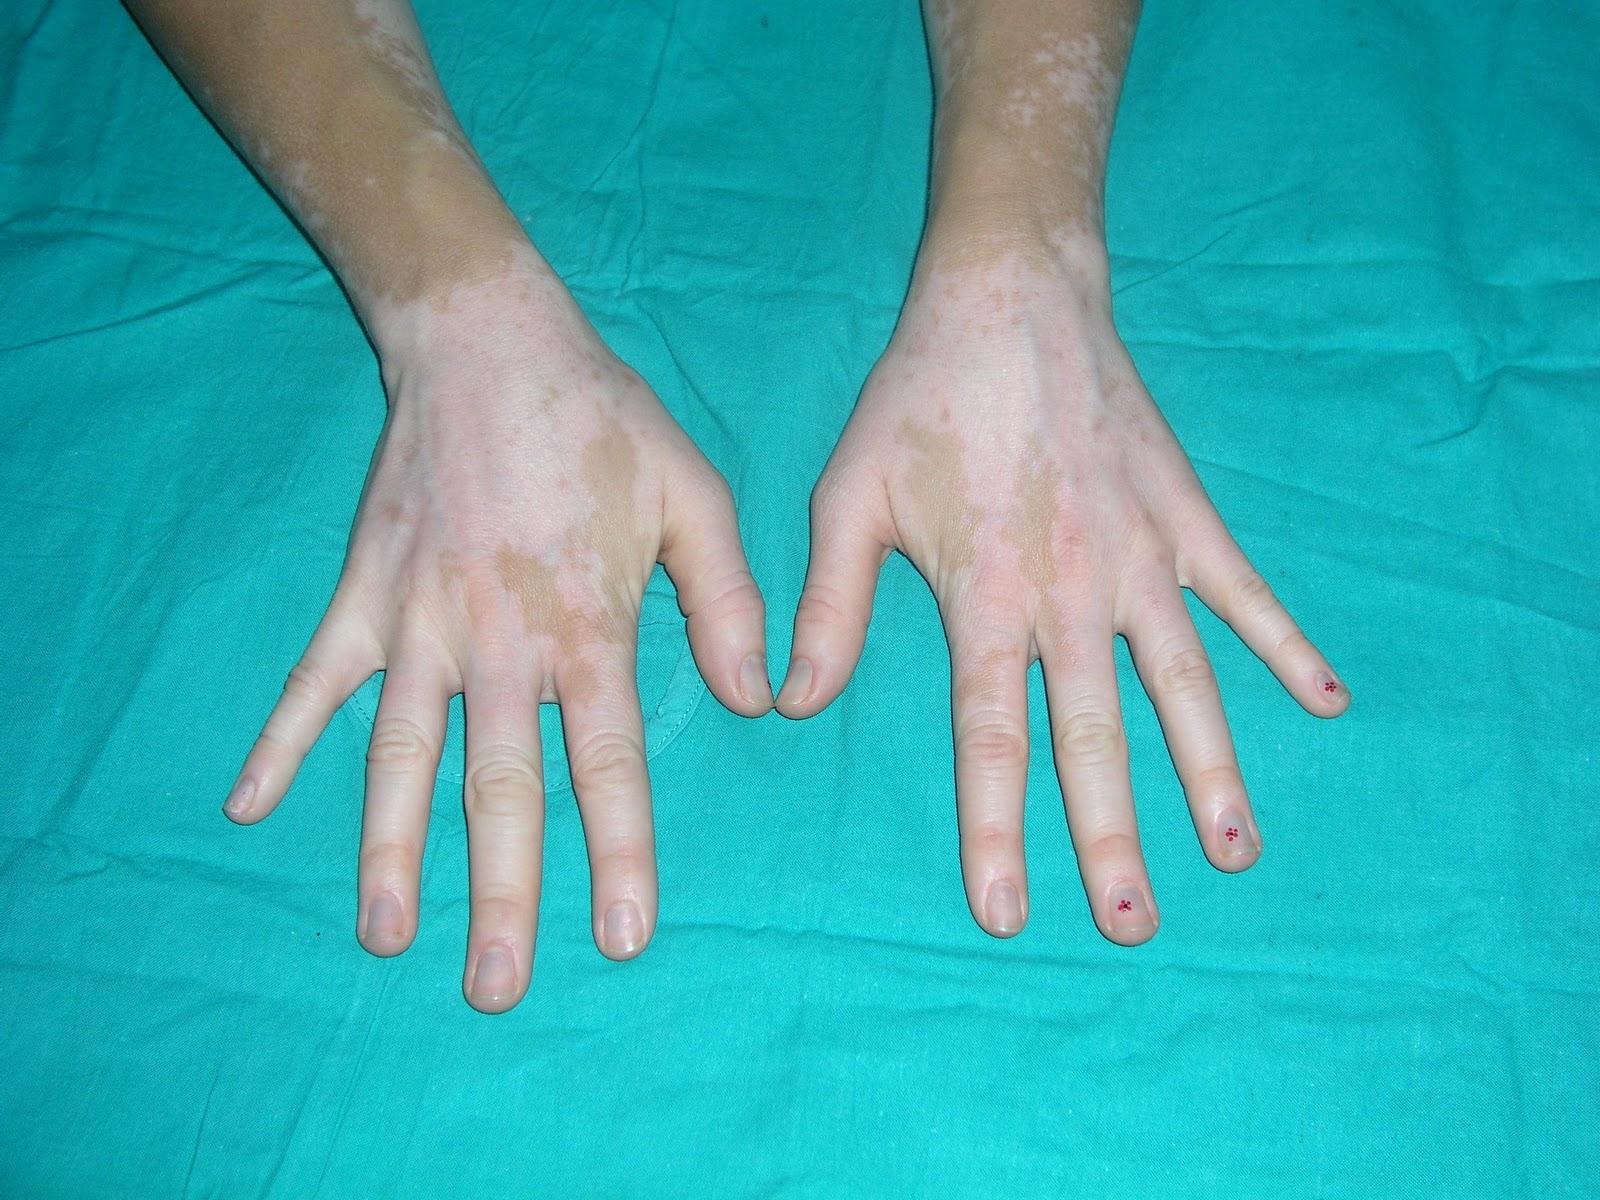 La localización de la pigmentación sobre la persona